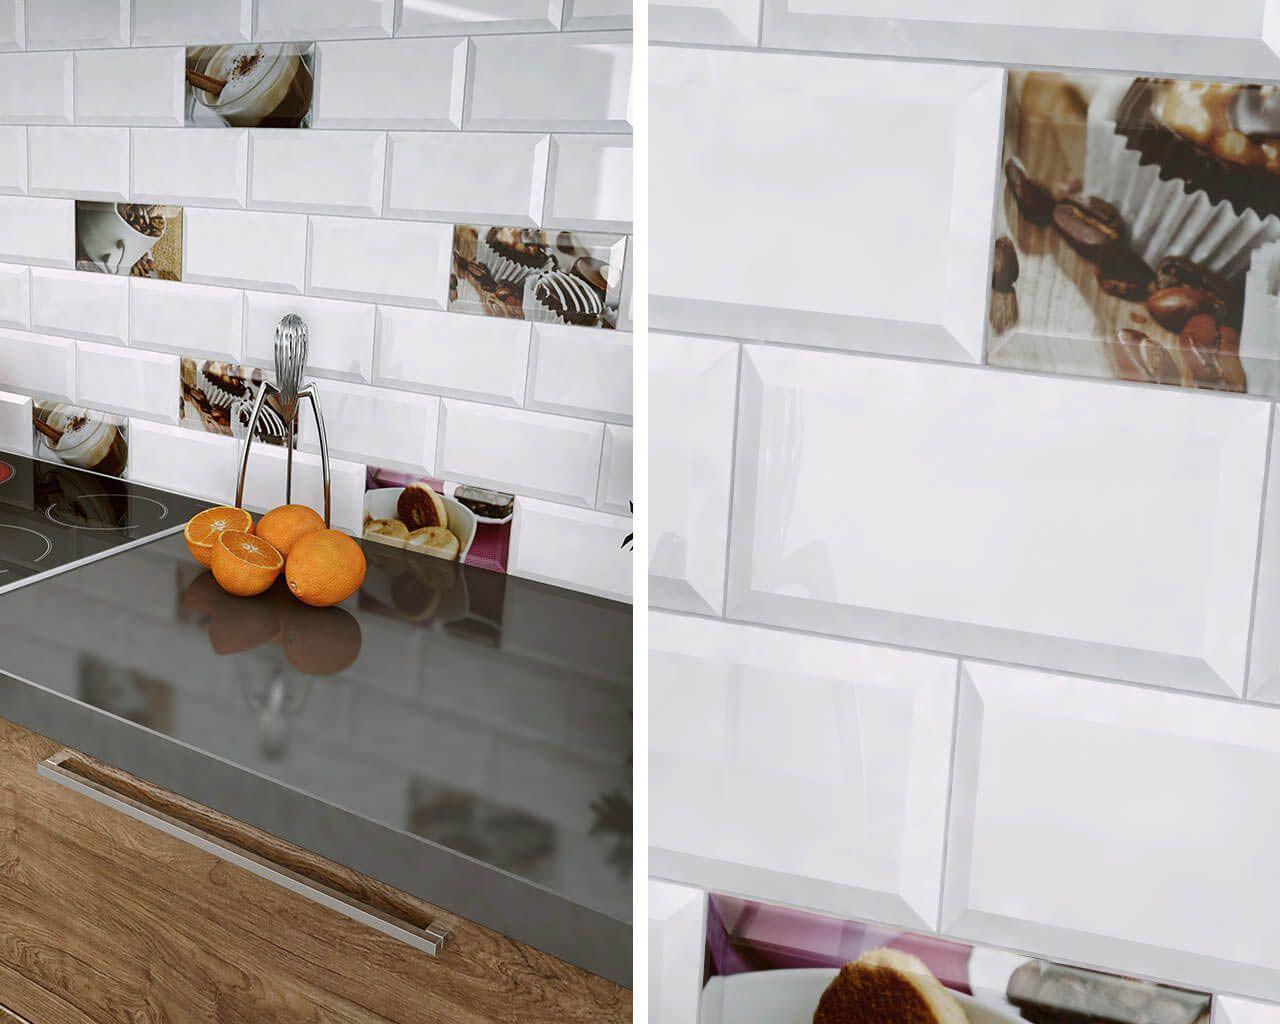 Cegiełkowe Kafle Białe I Z Motywami Kawy W Kuchni Ceramika